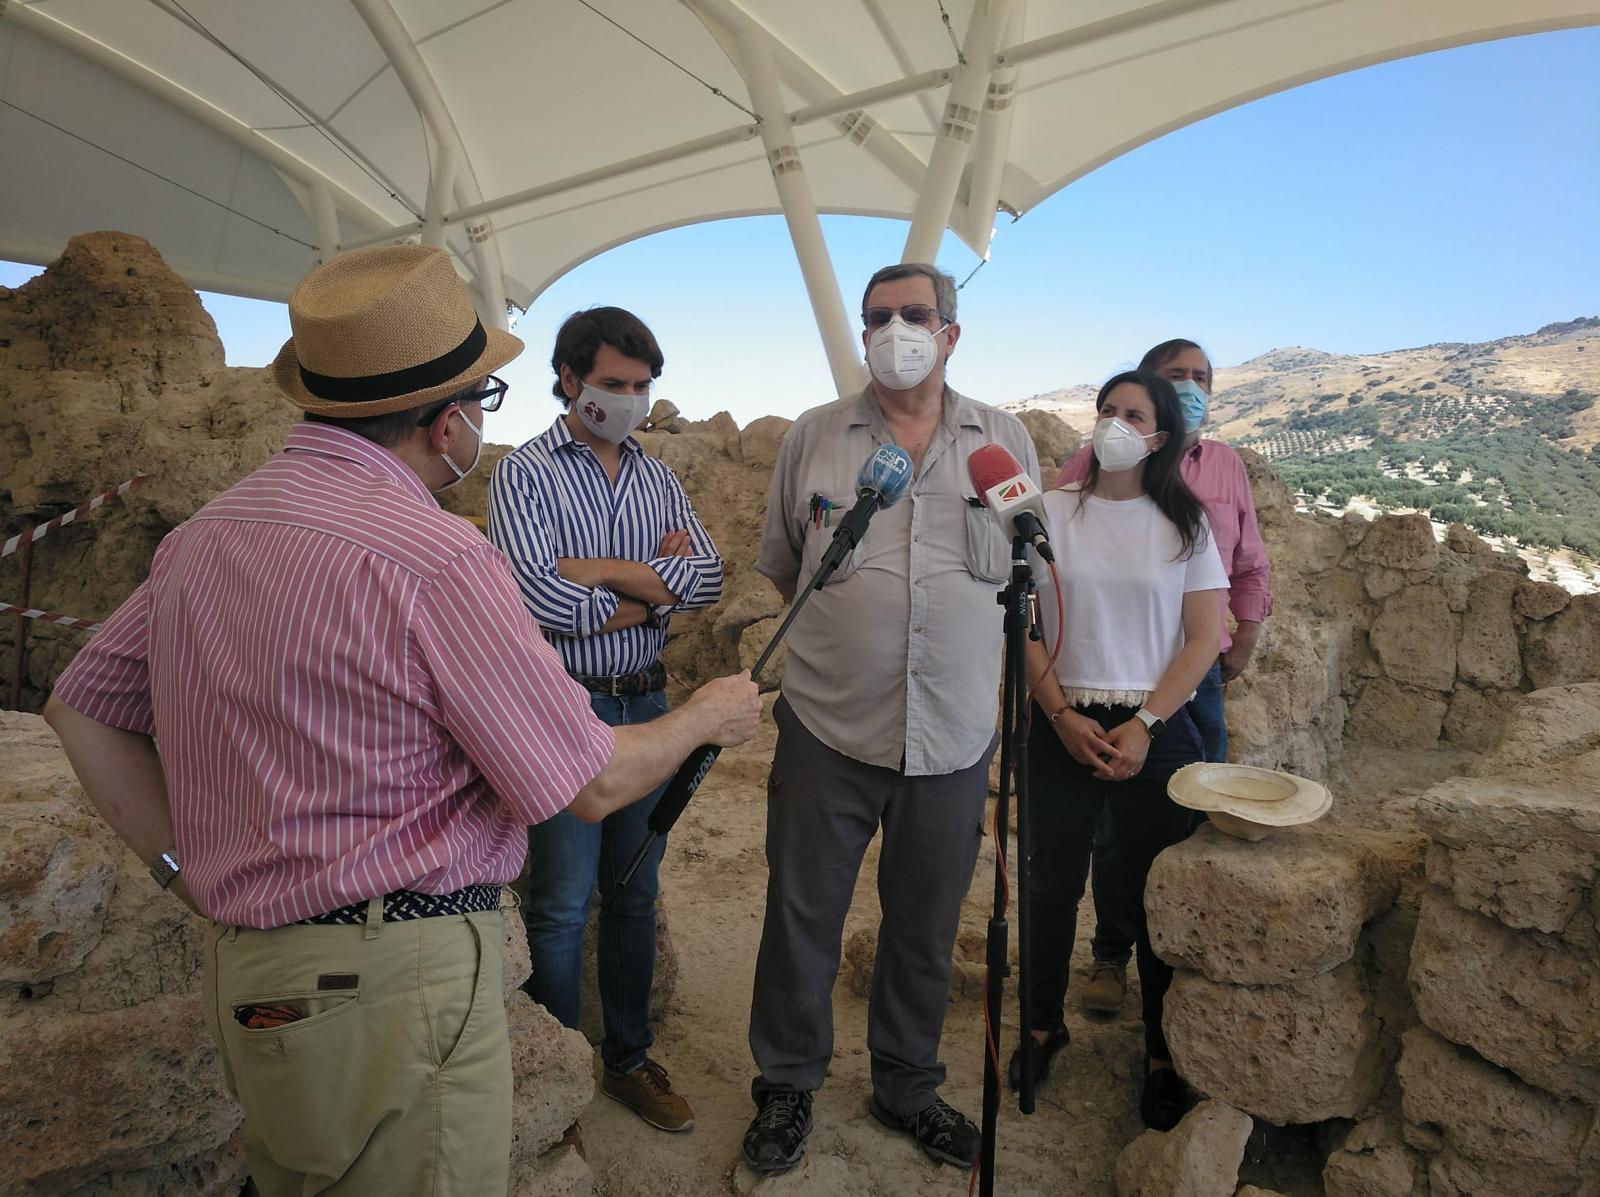 La delegada territorial de Cultura y Patrimonio, Cristina Casanueva, visita el Cerro de la Merced